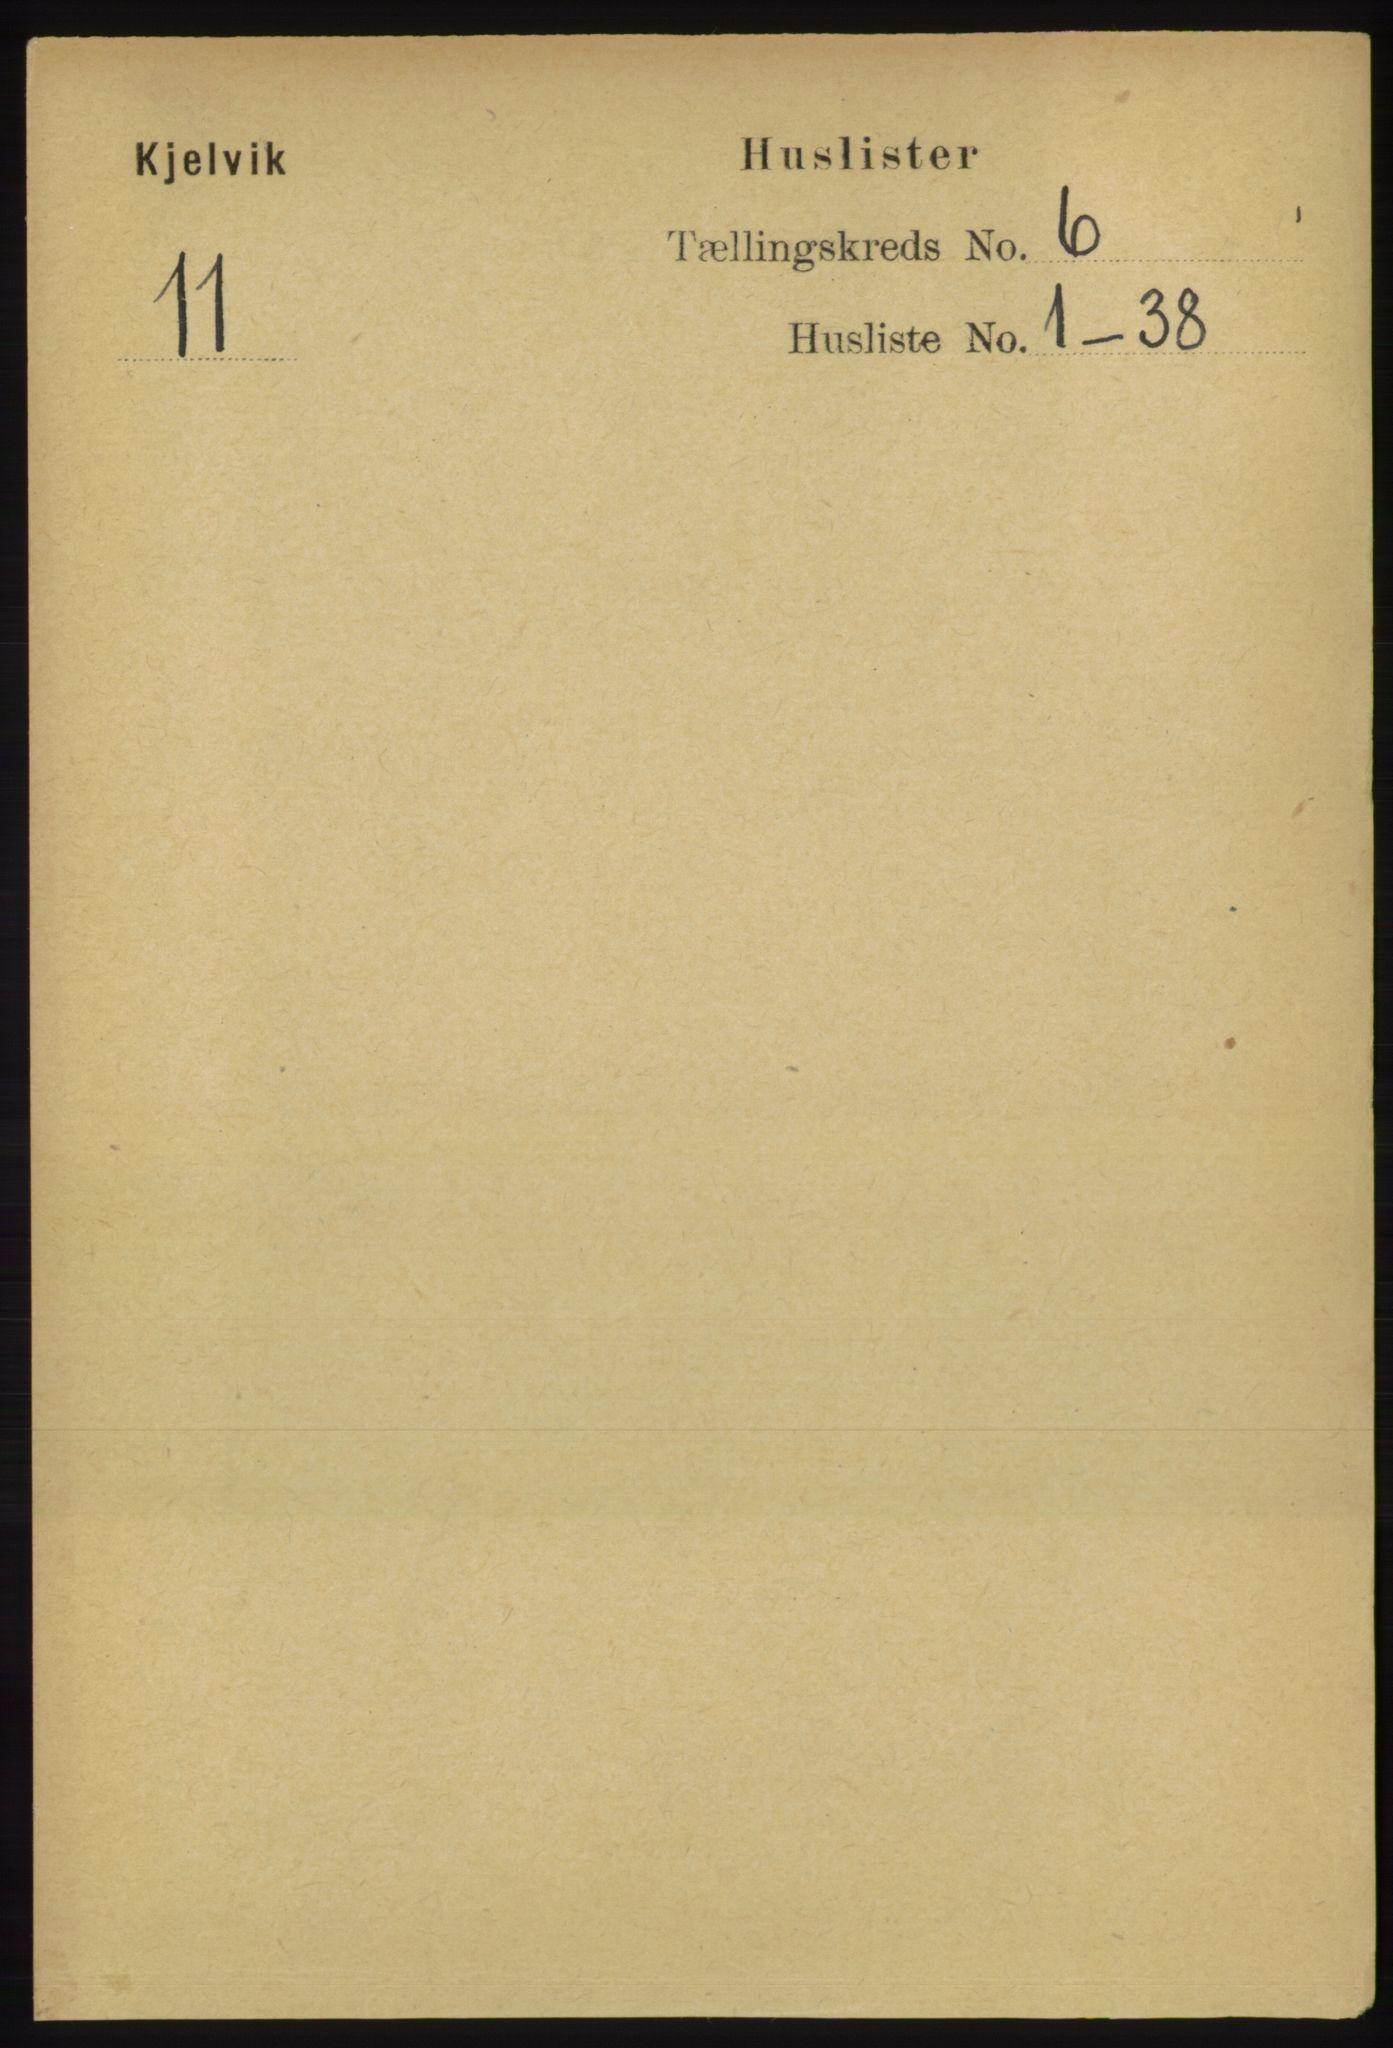 RA, Folketelling 1891 for 2019 Kjelvik herred, 1891, s. 582